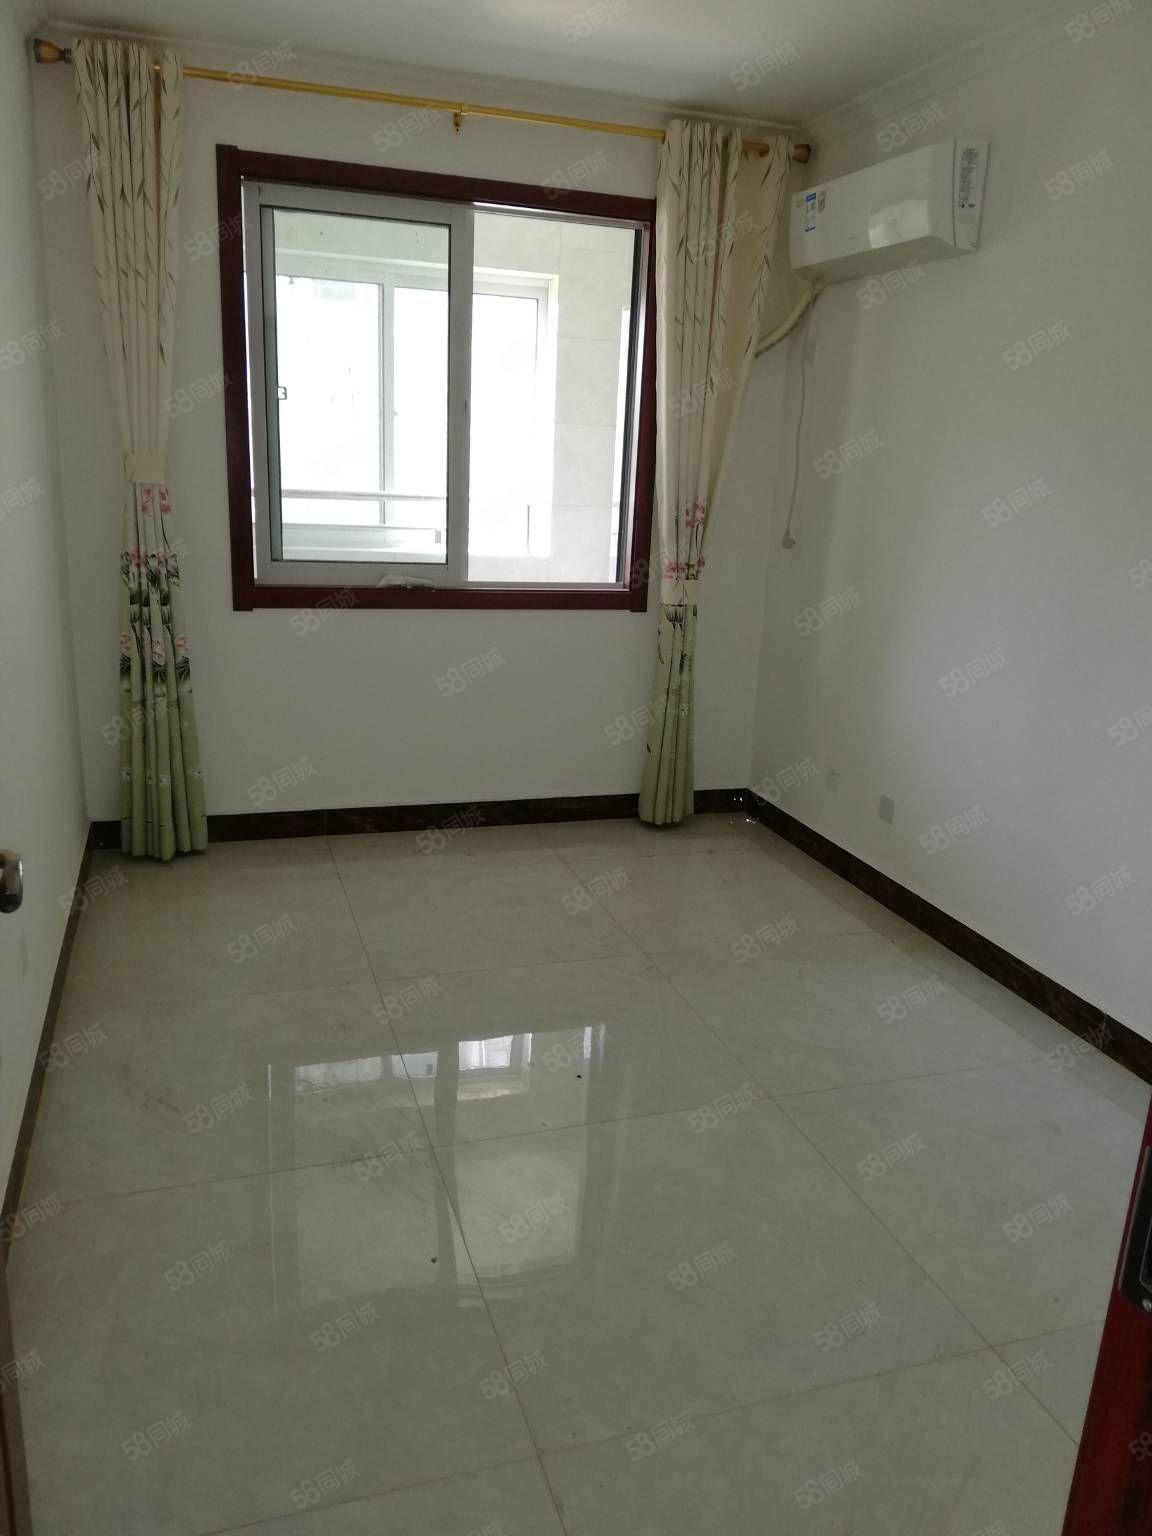 天竹佳苑,精装修,新房未住,两室两厅,配套完善,花园式小区。